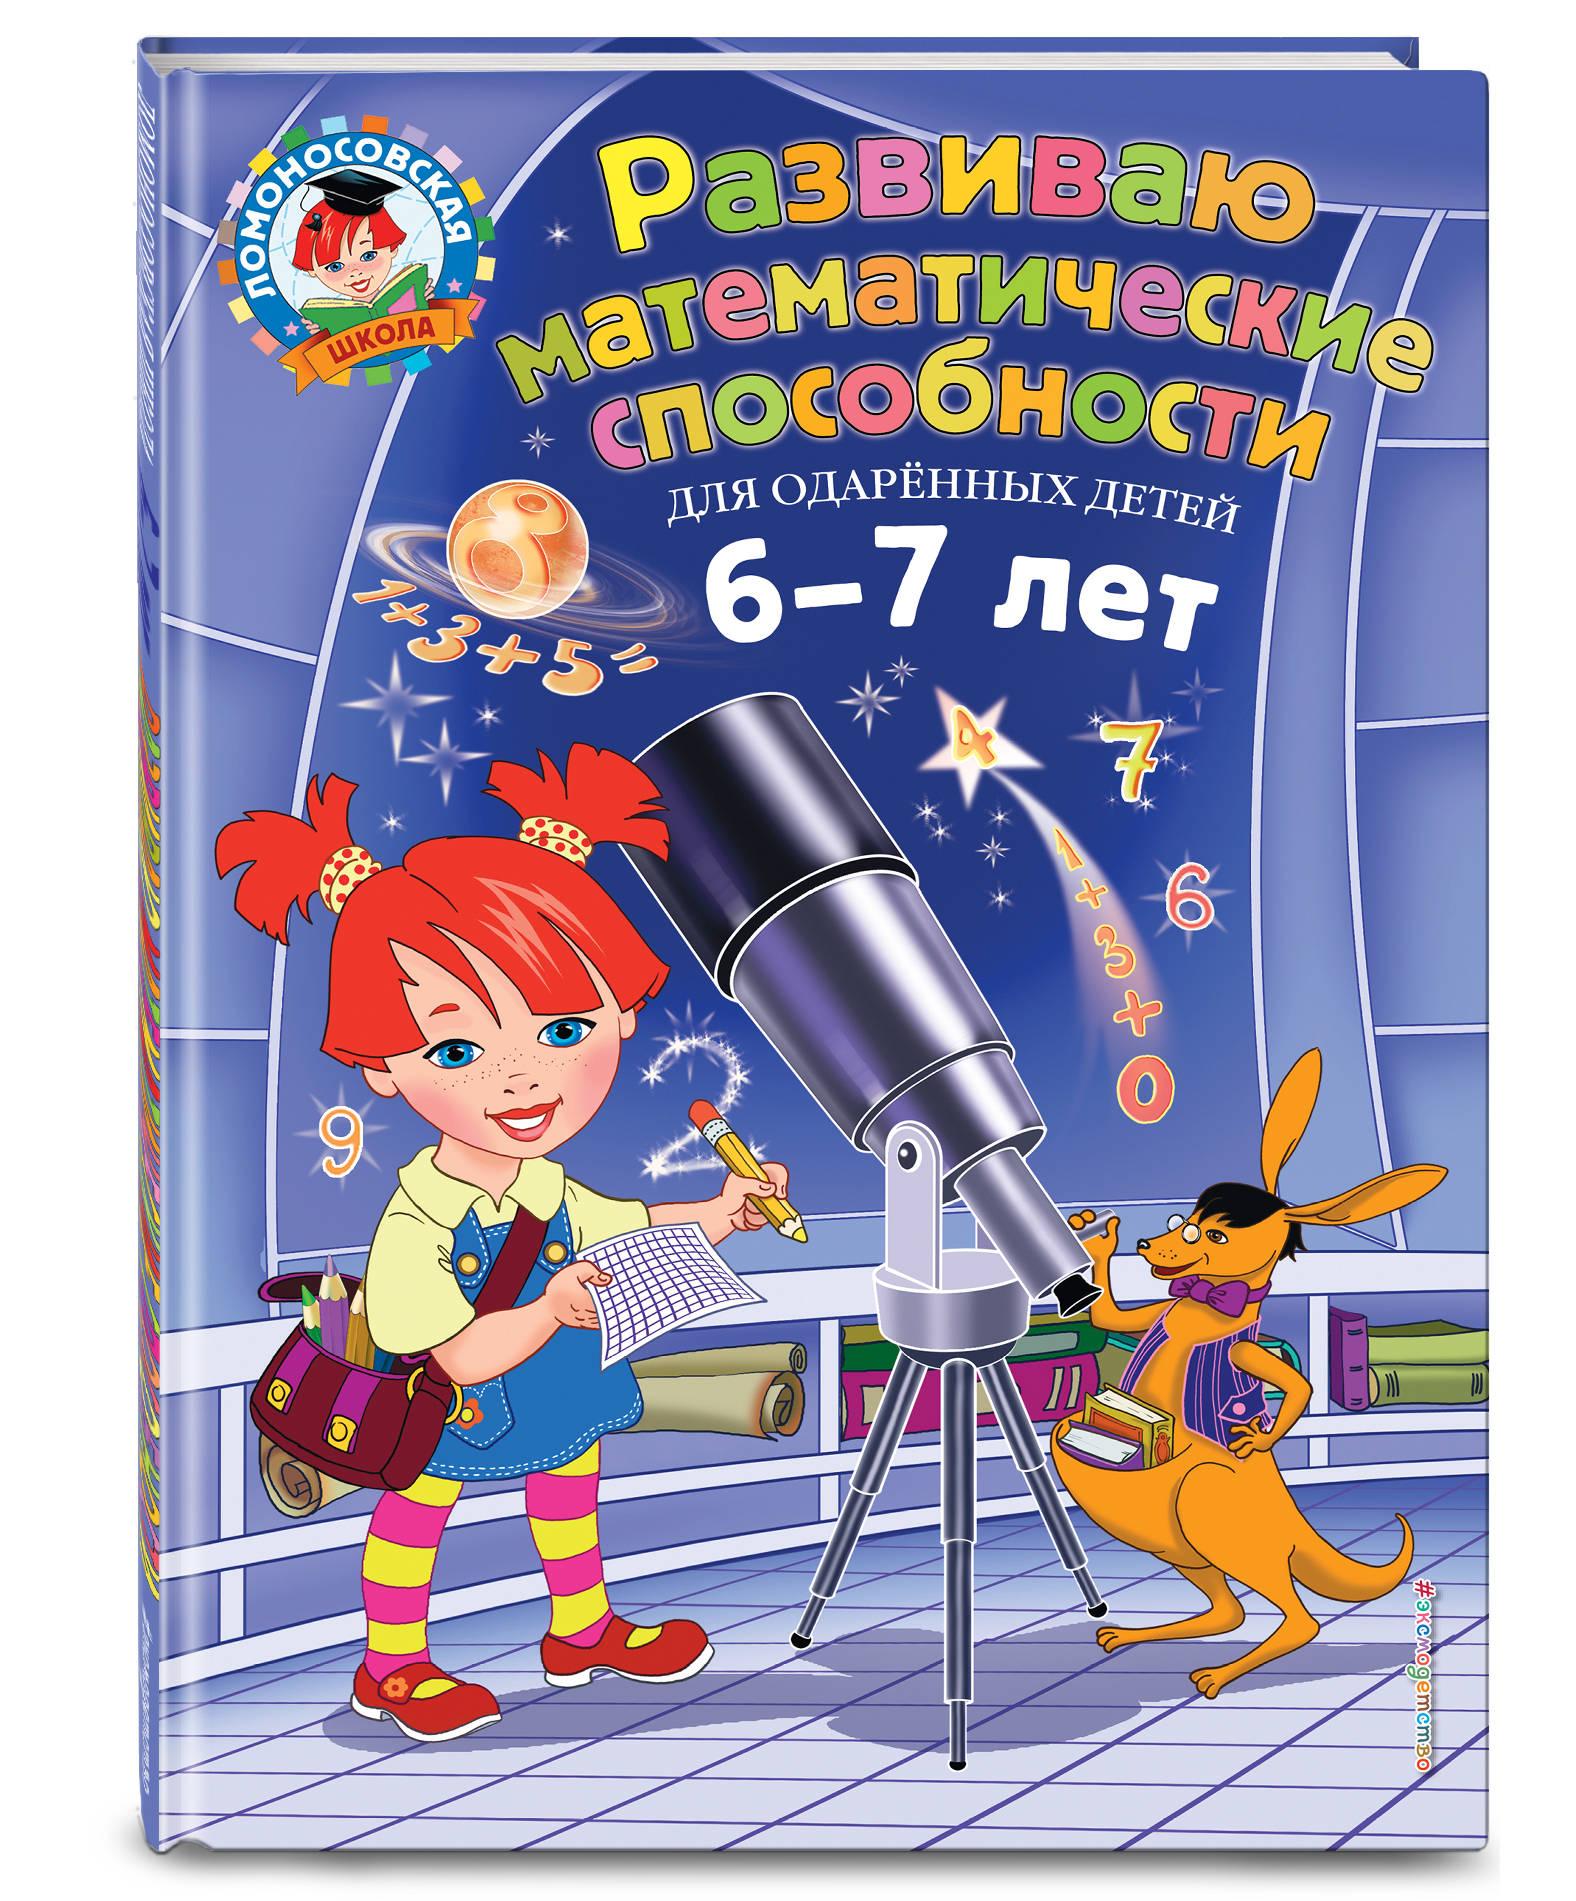 Родионова Елена Альбертовна, Казакова Ирина Алексеевна Развиваю математические способности: для детей 6-7 лет